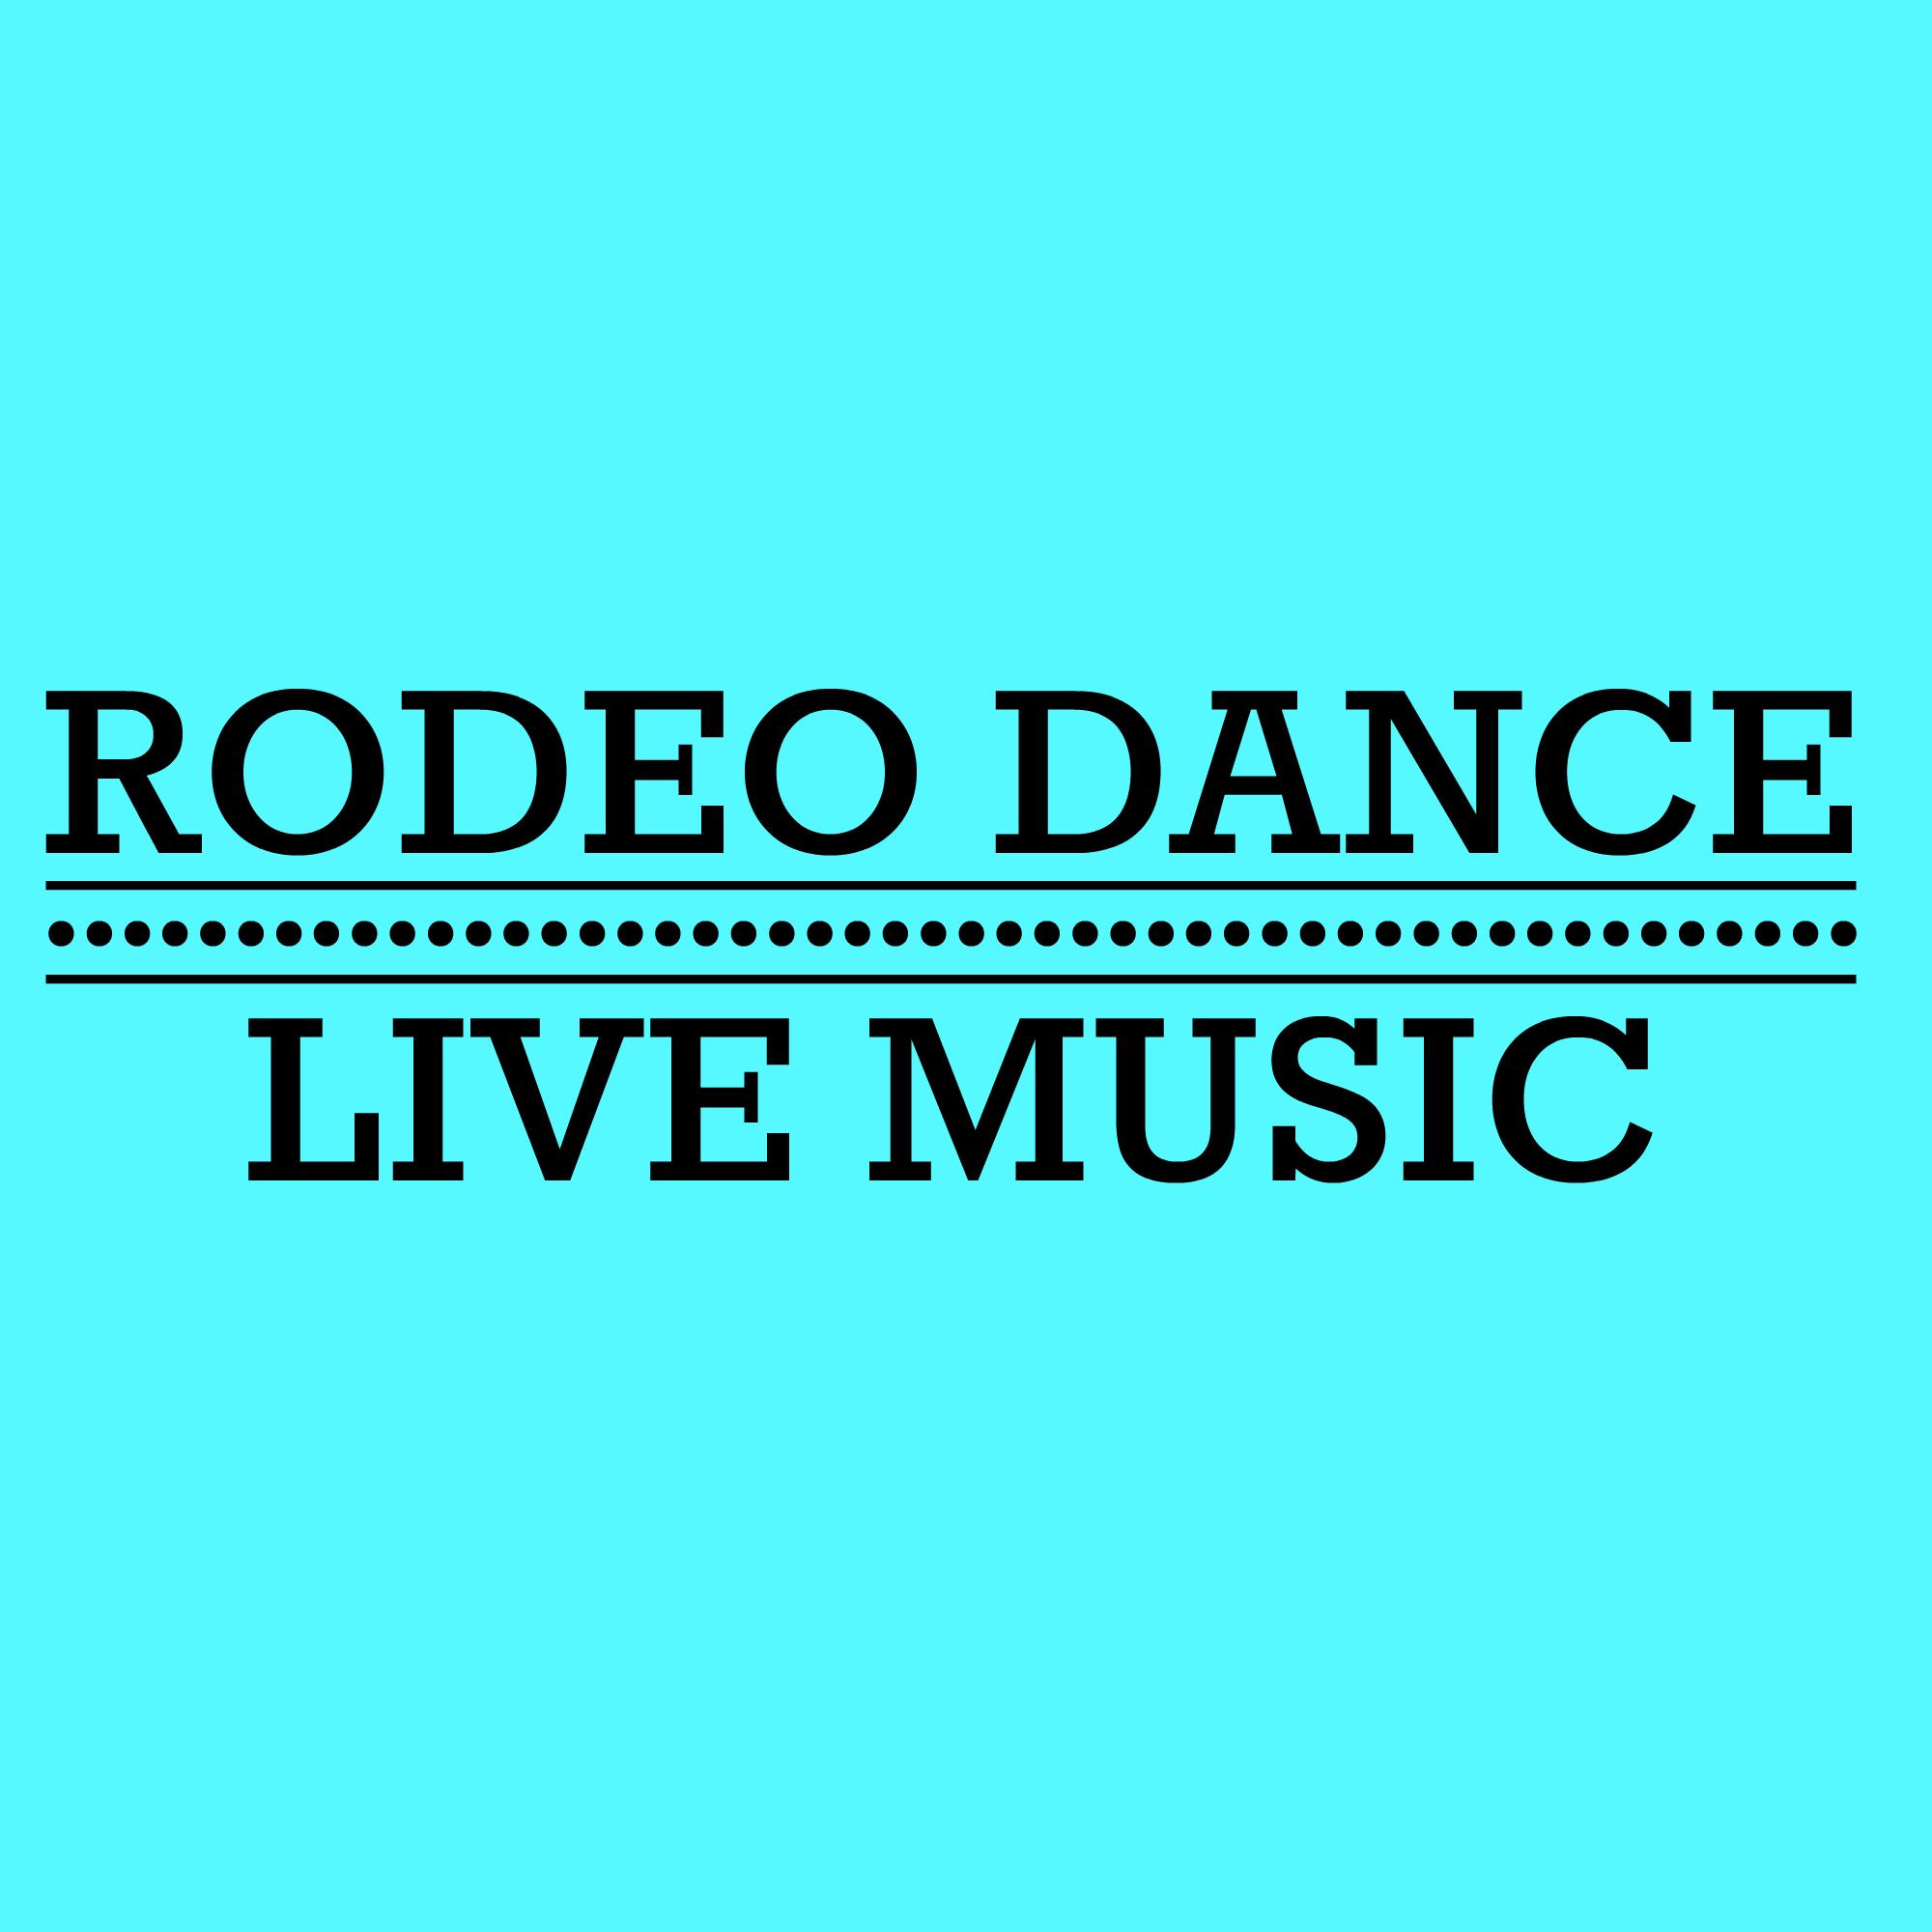 Rodeo dance.jpg